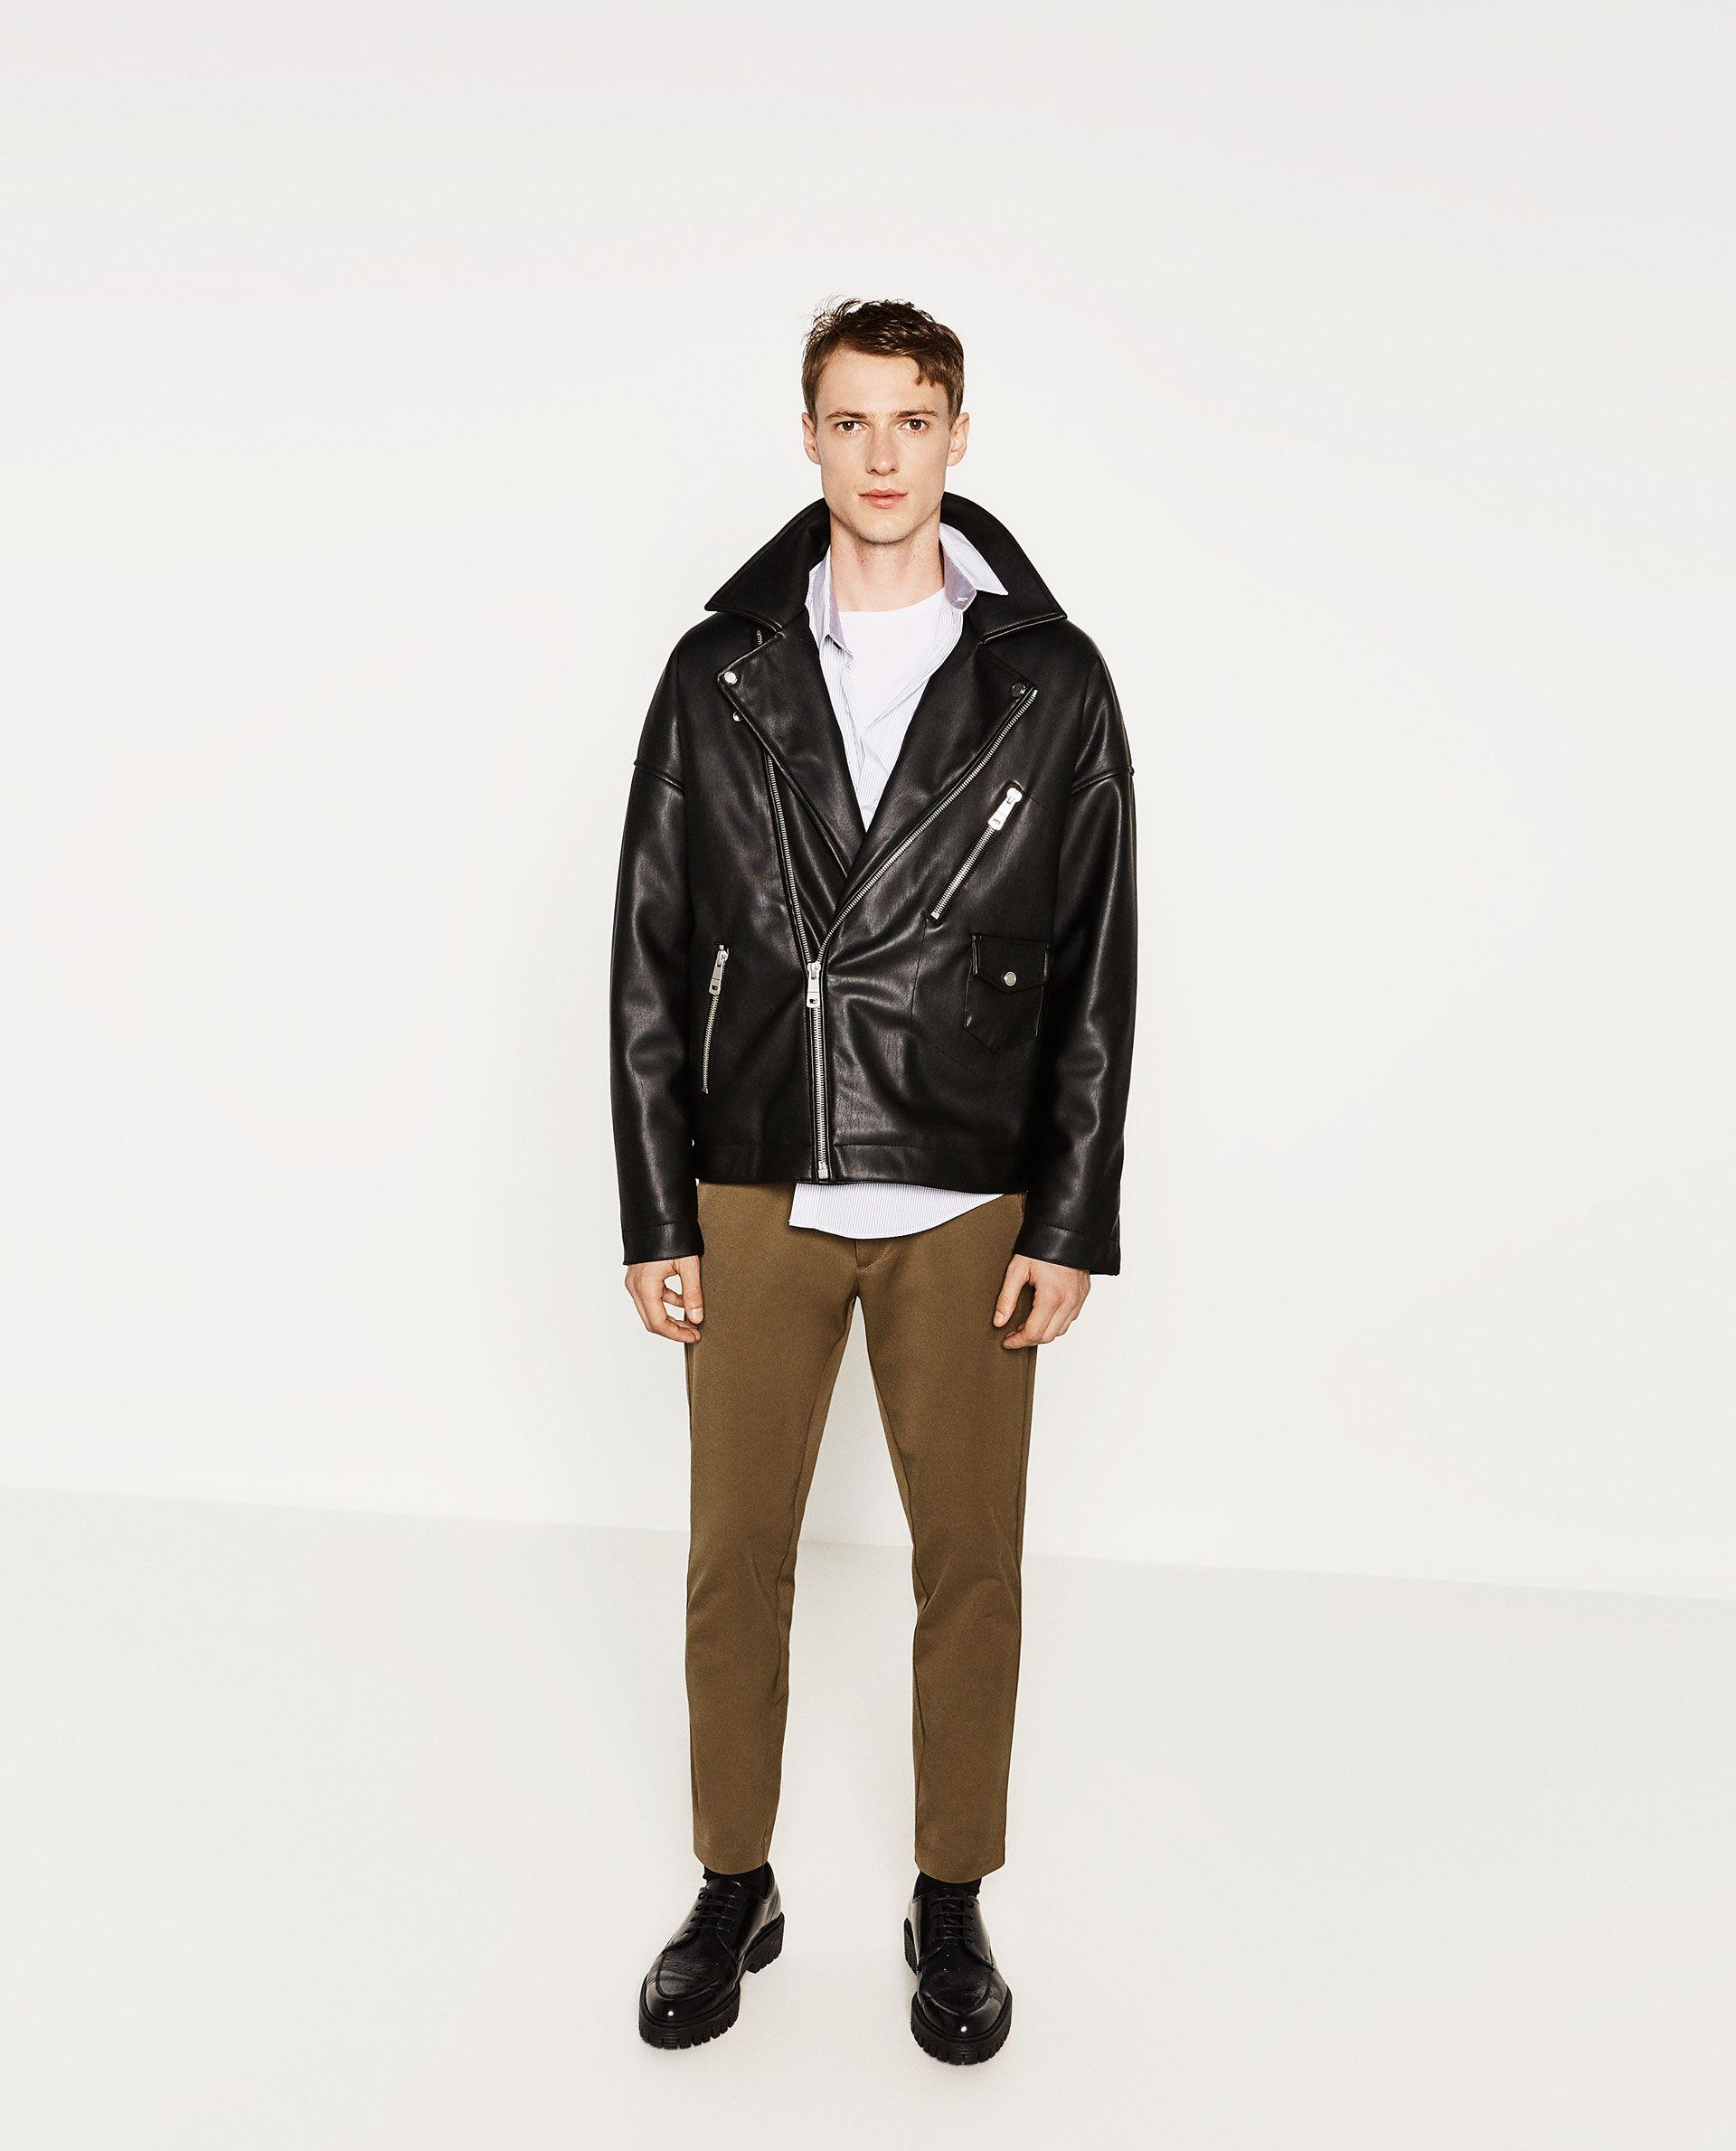 ZARA Oversized Biker Jacket Biker jacket, Jackets